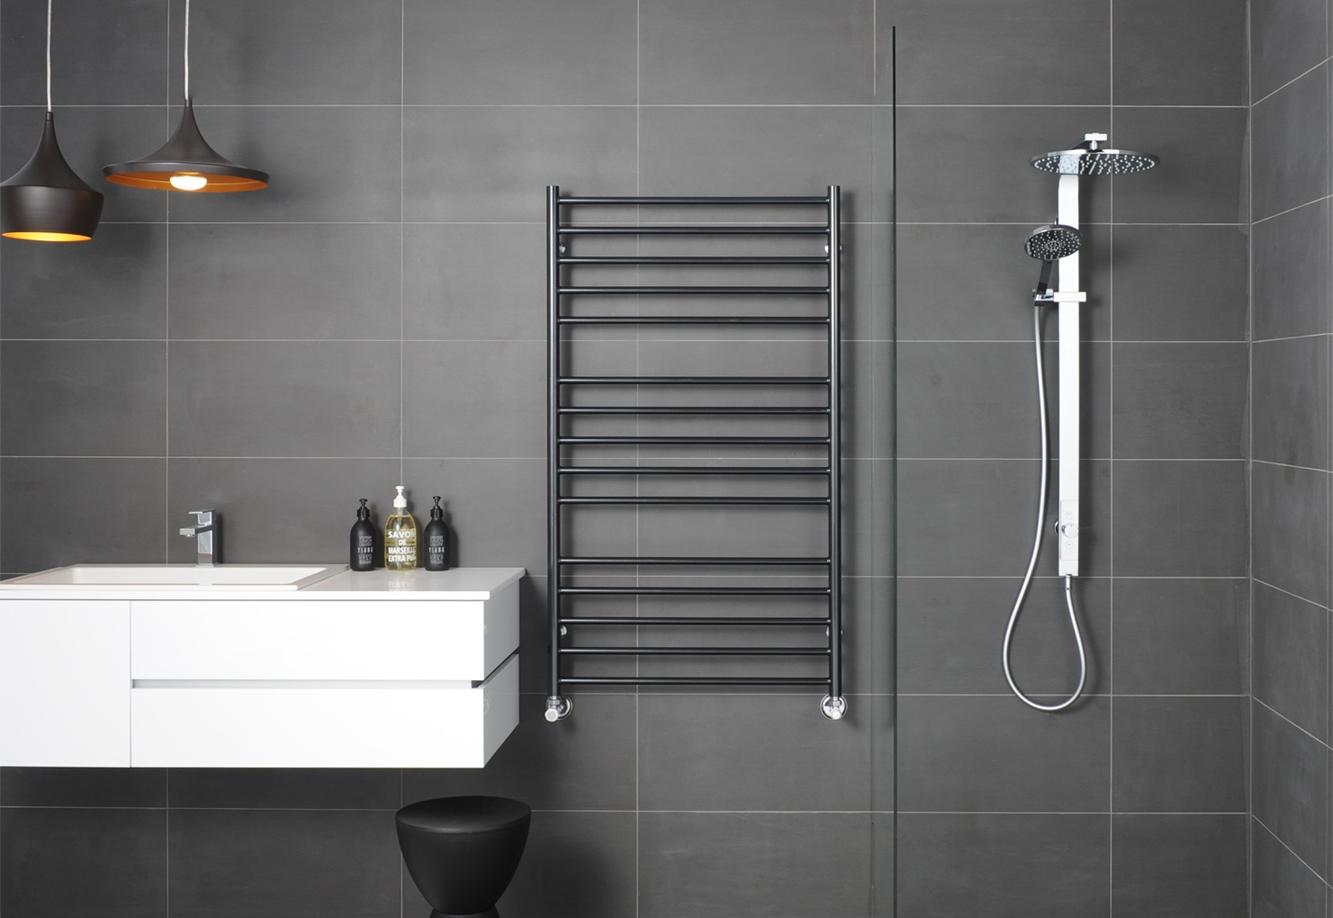 Установка полотенцесушителя в ванной: устанавливаем своими руками в ванной комнате, видео